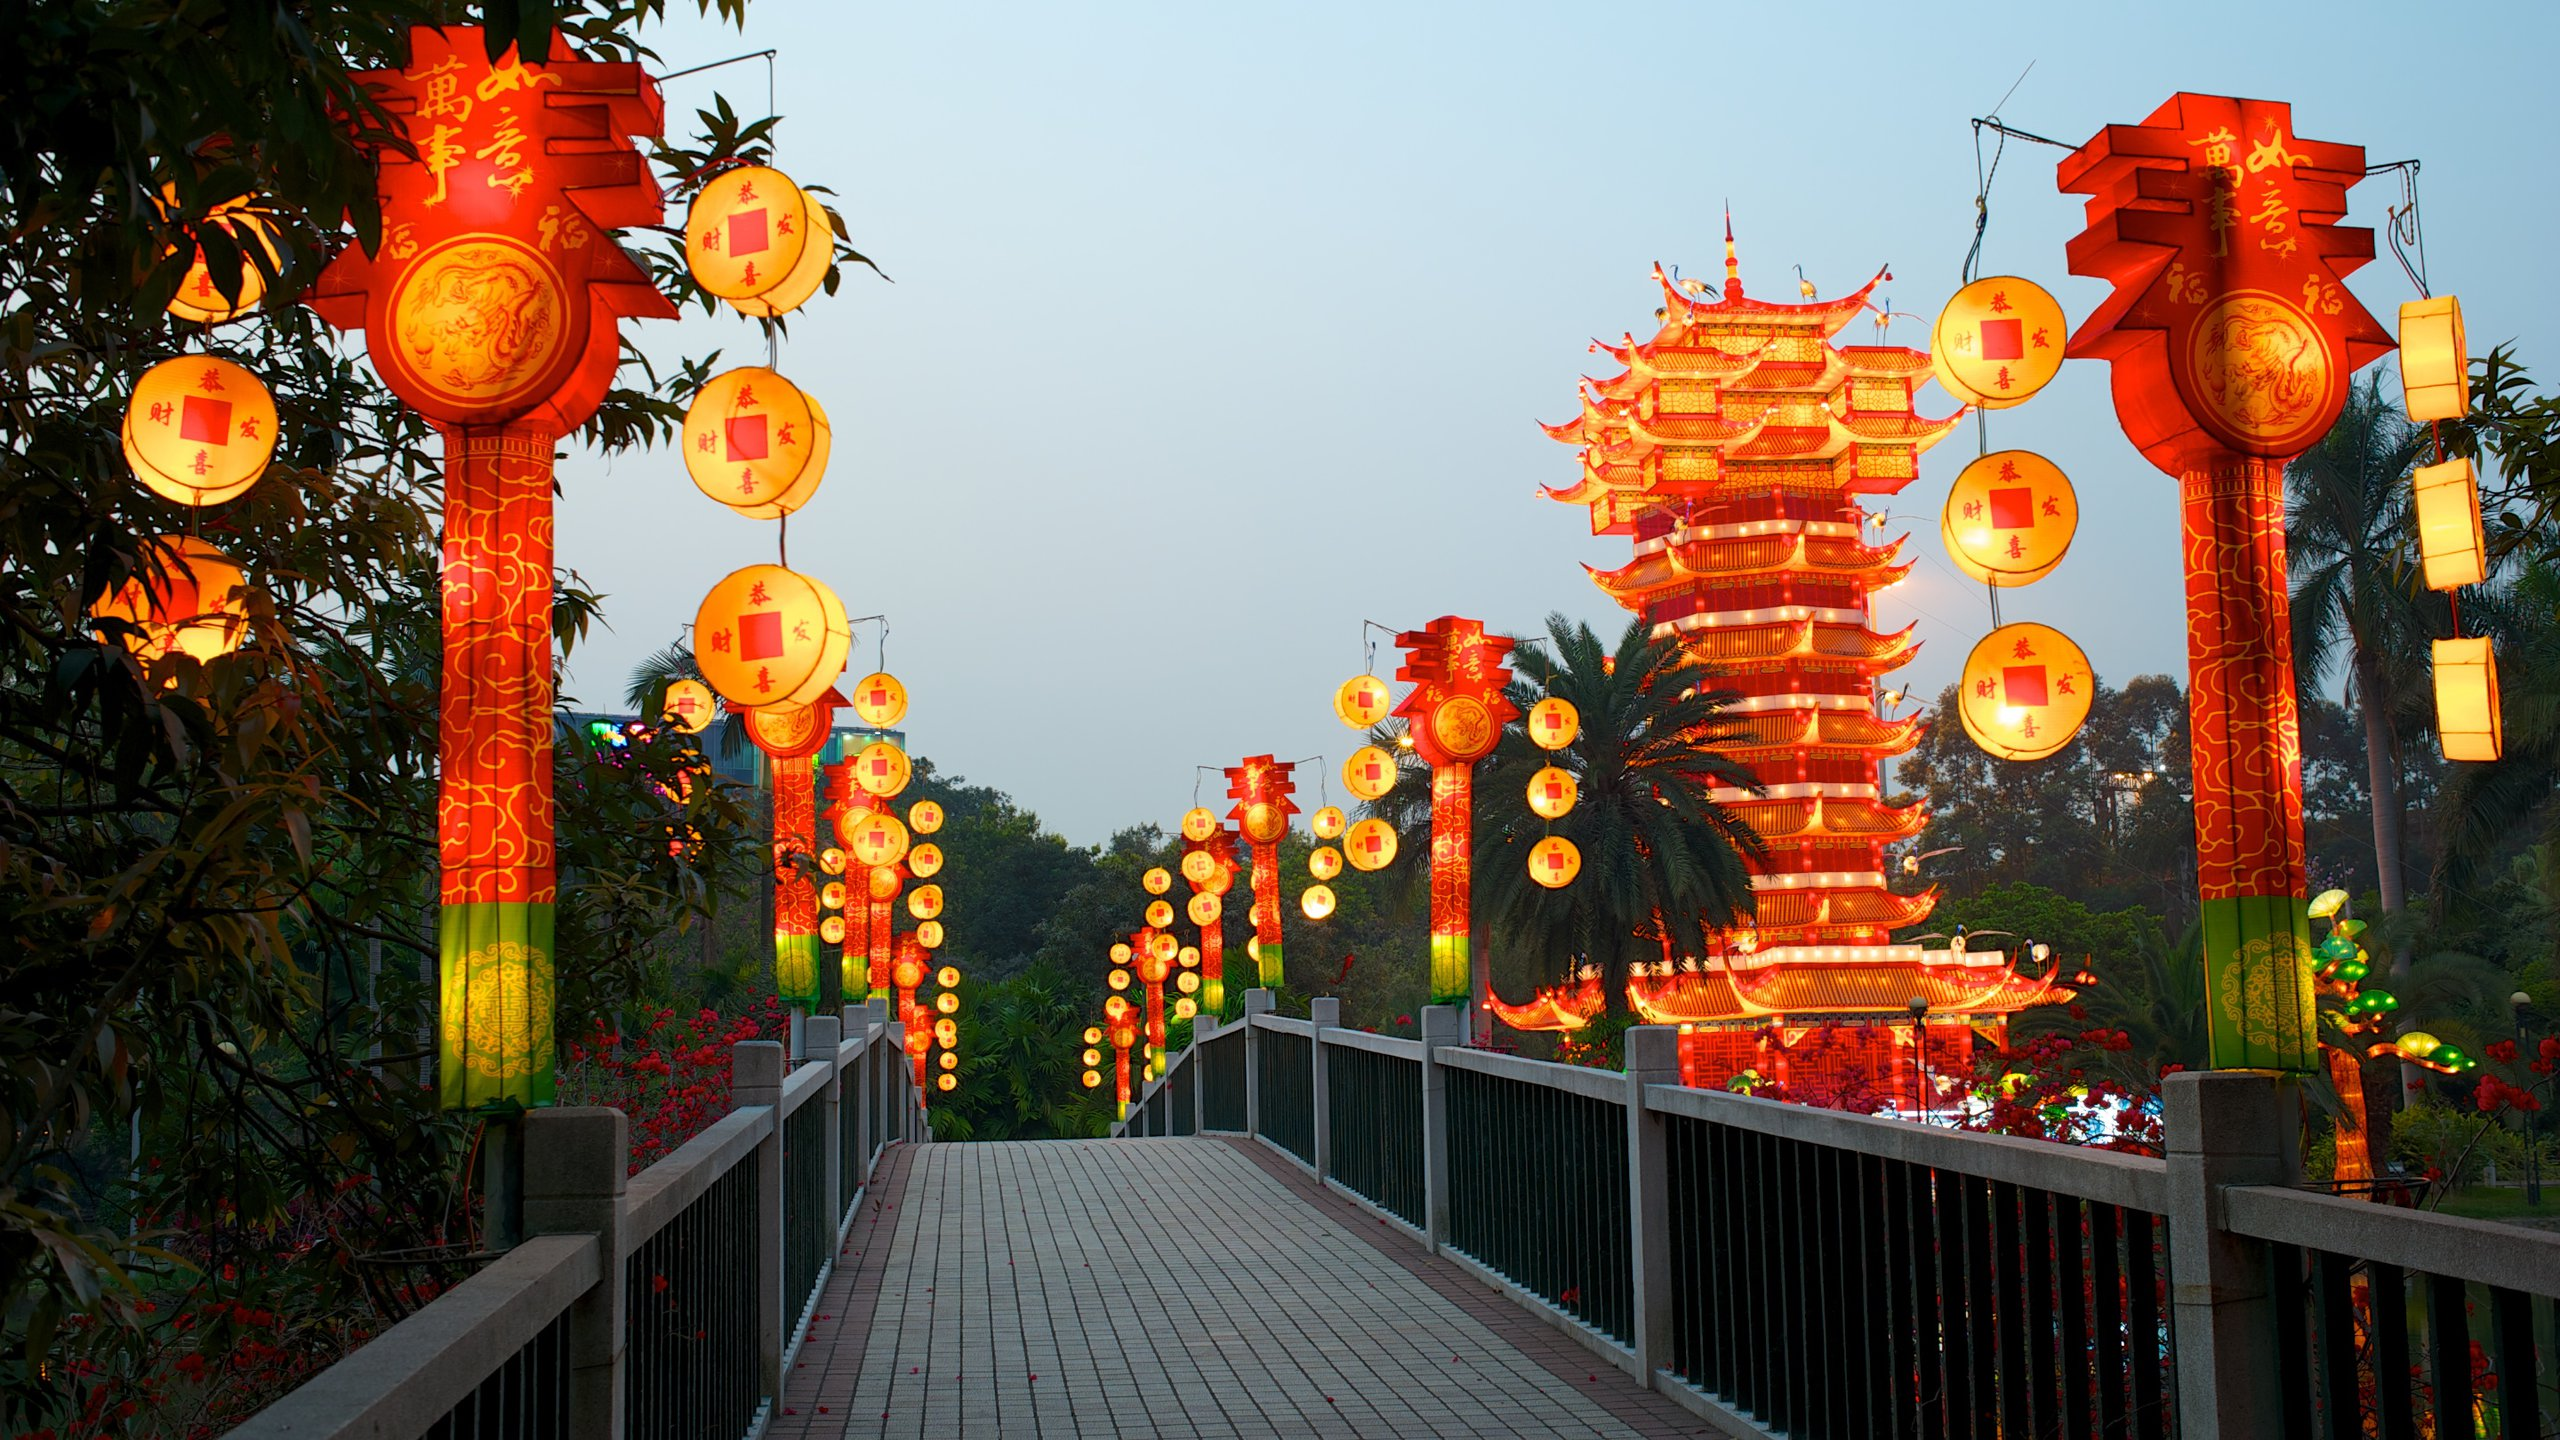 Yuexiu, Guangzhou, Guangdong, China